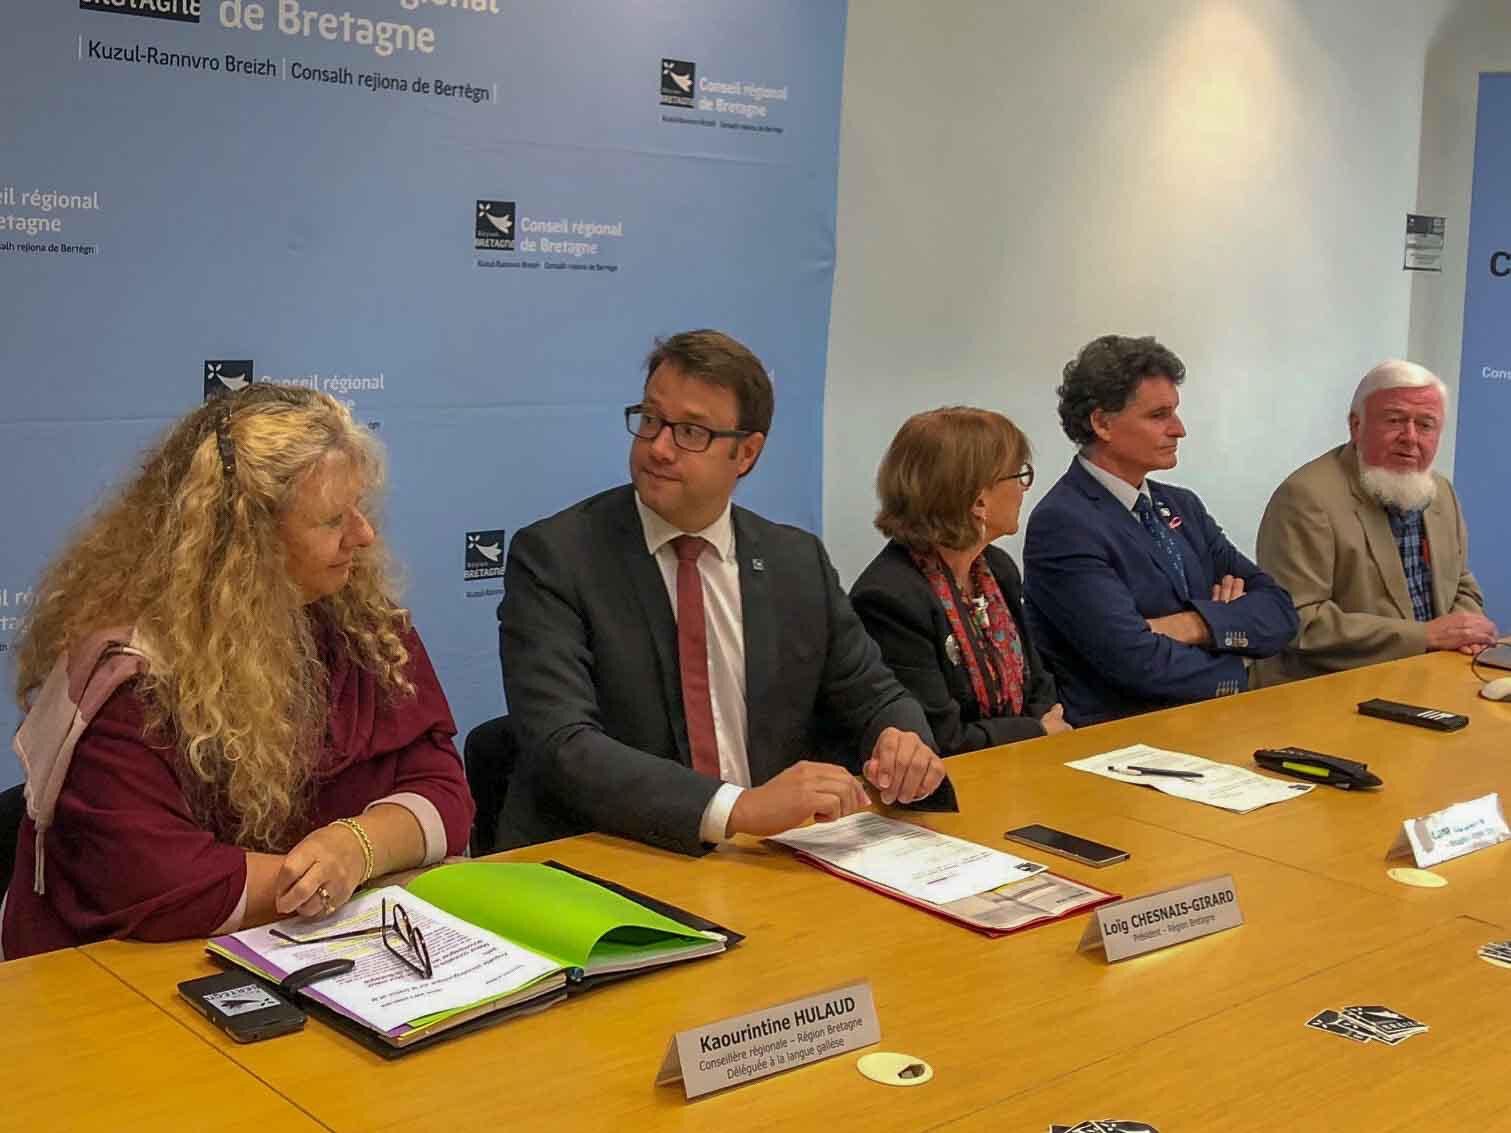 """Nouveau sondage """"langue bretonne"""" : stabilité apparente des locuteurs déclarés, diminution des locuteurs effectifs"""